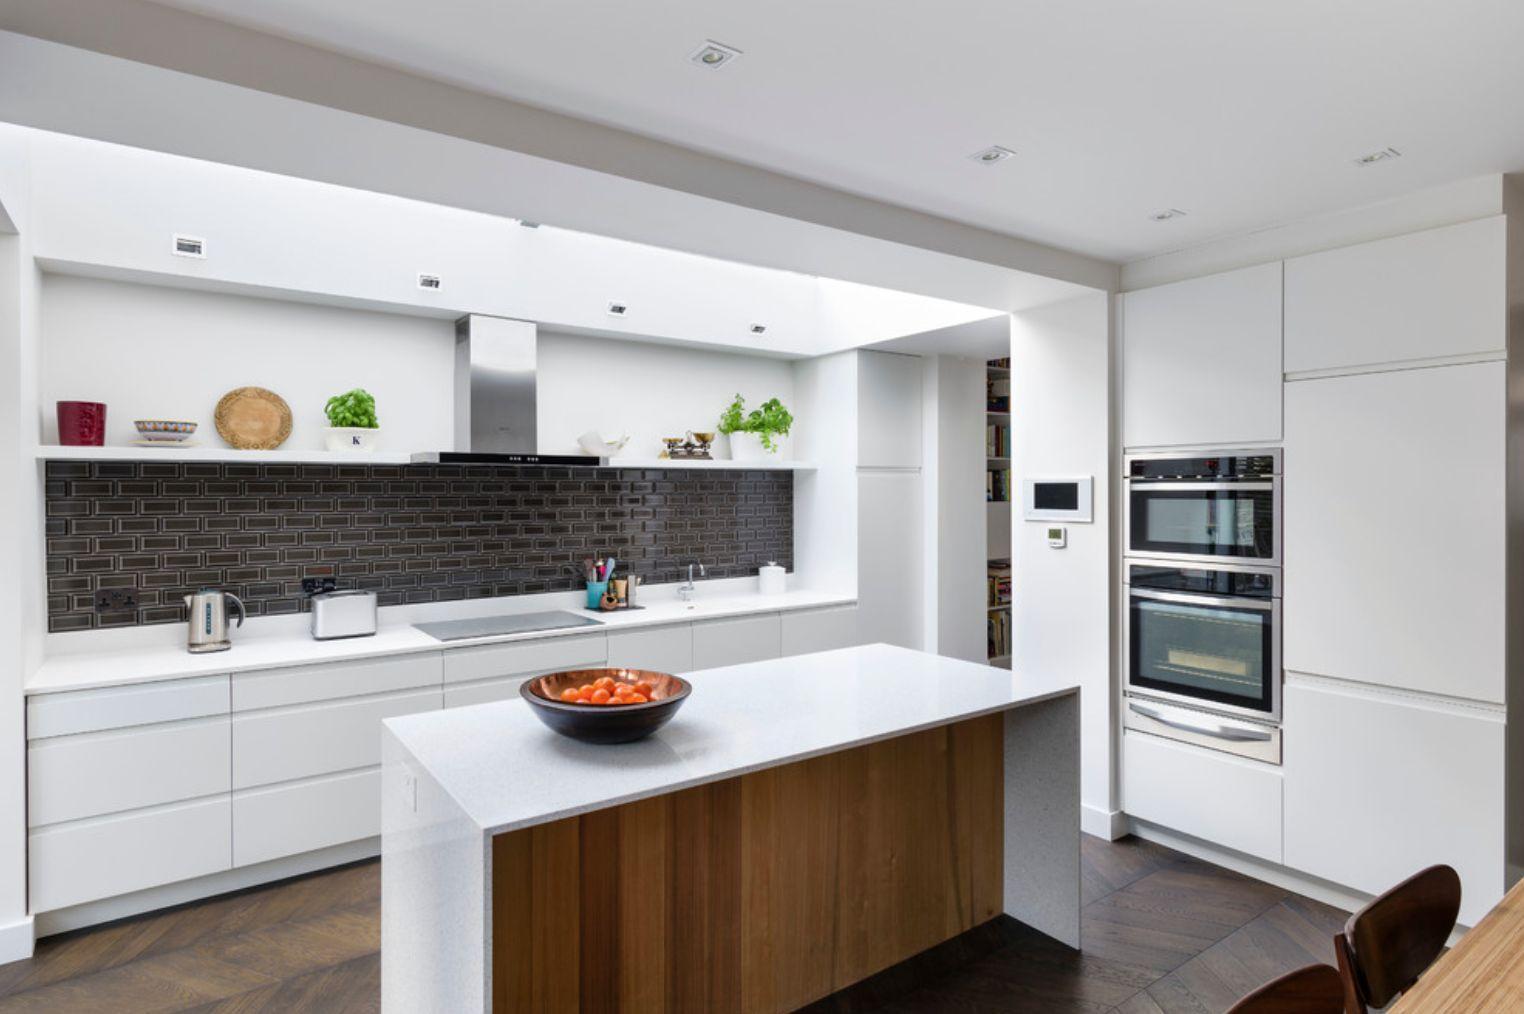 Кухня без верхних навесных шкафов дизайн фото ограничился